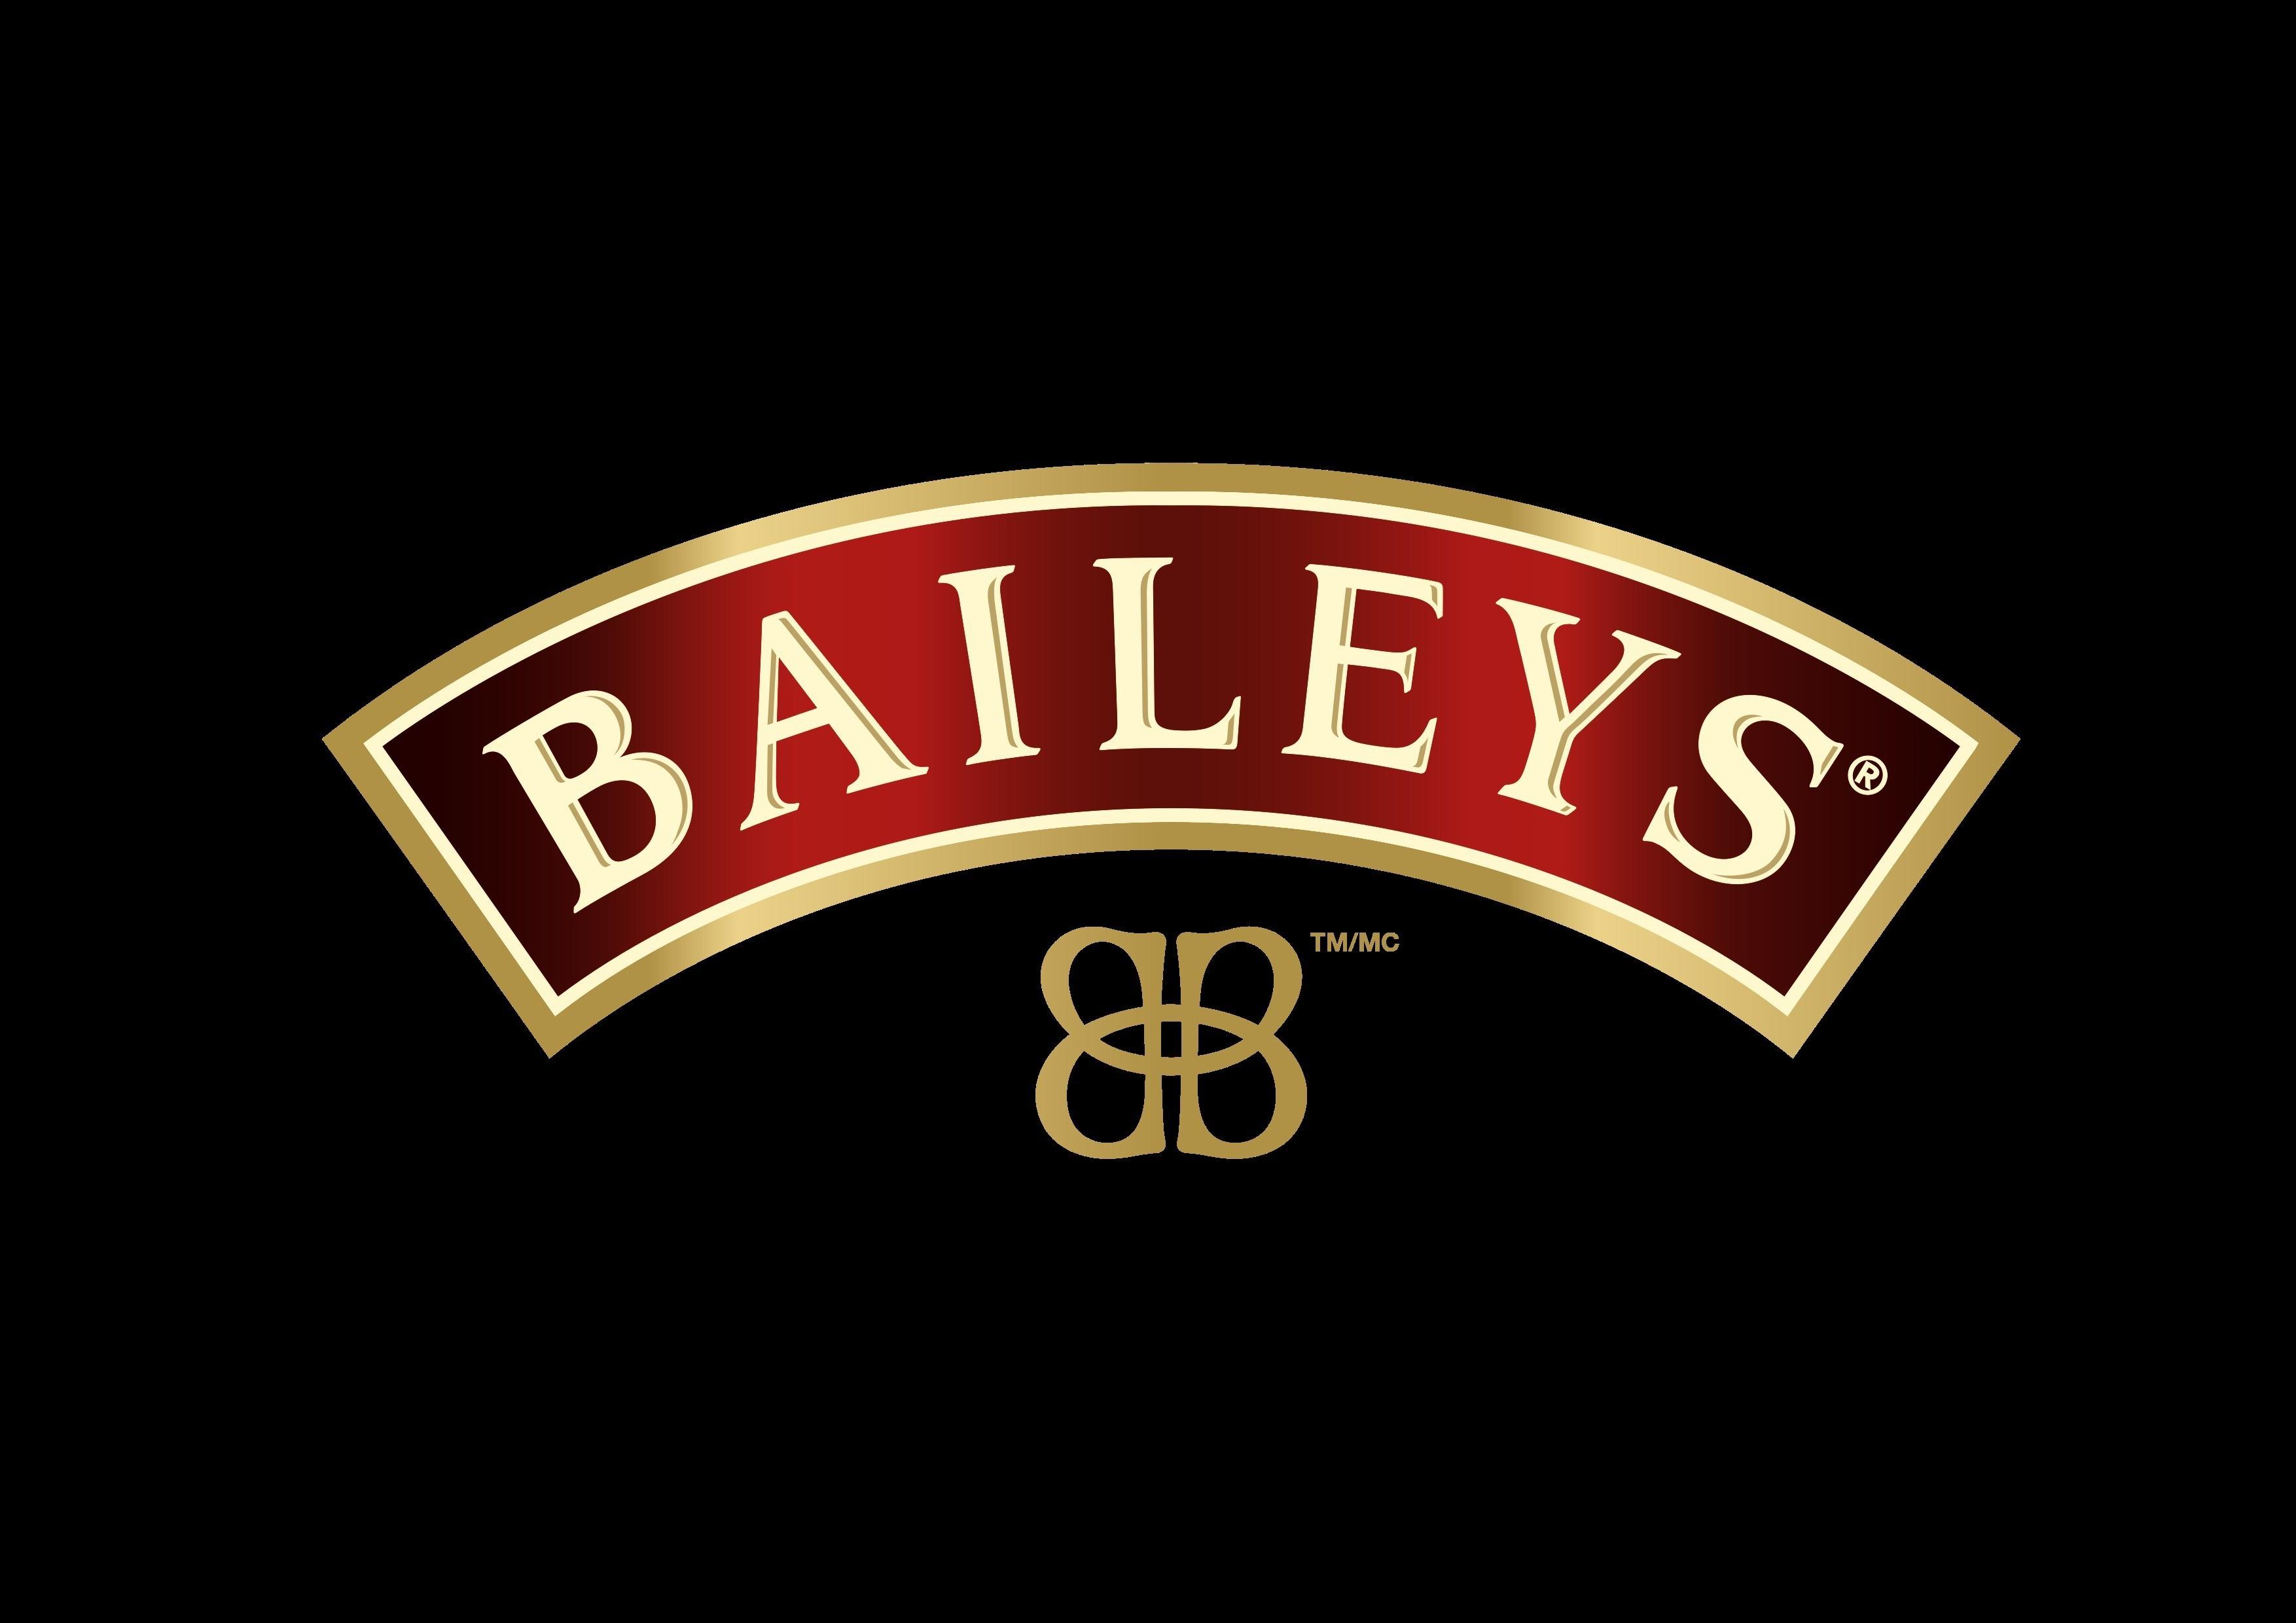 Bailey & Co